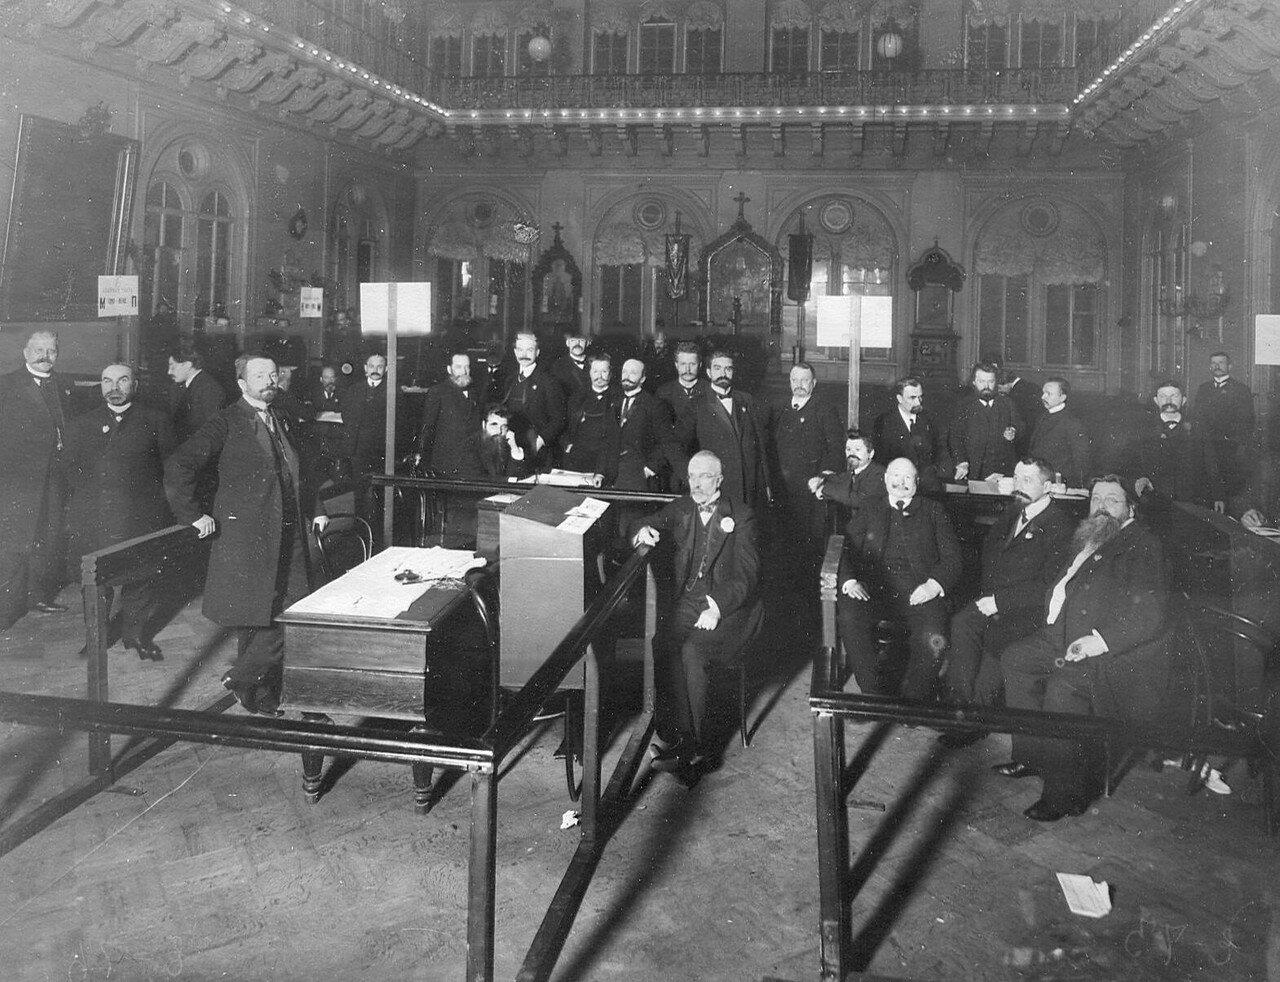 1906. Выборы в думу в Соляном городке